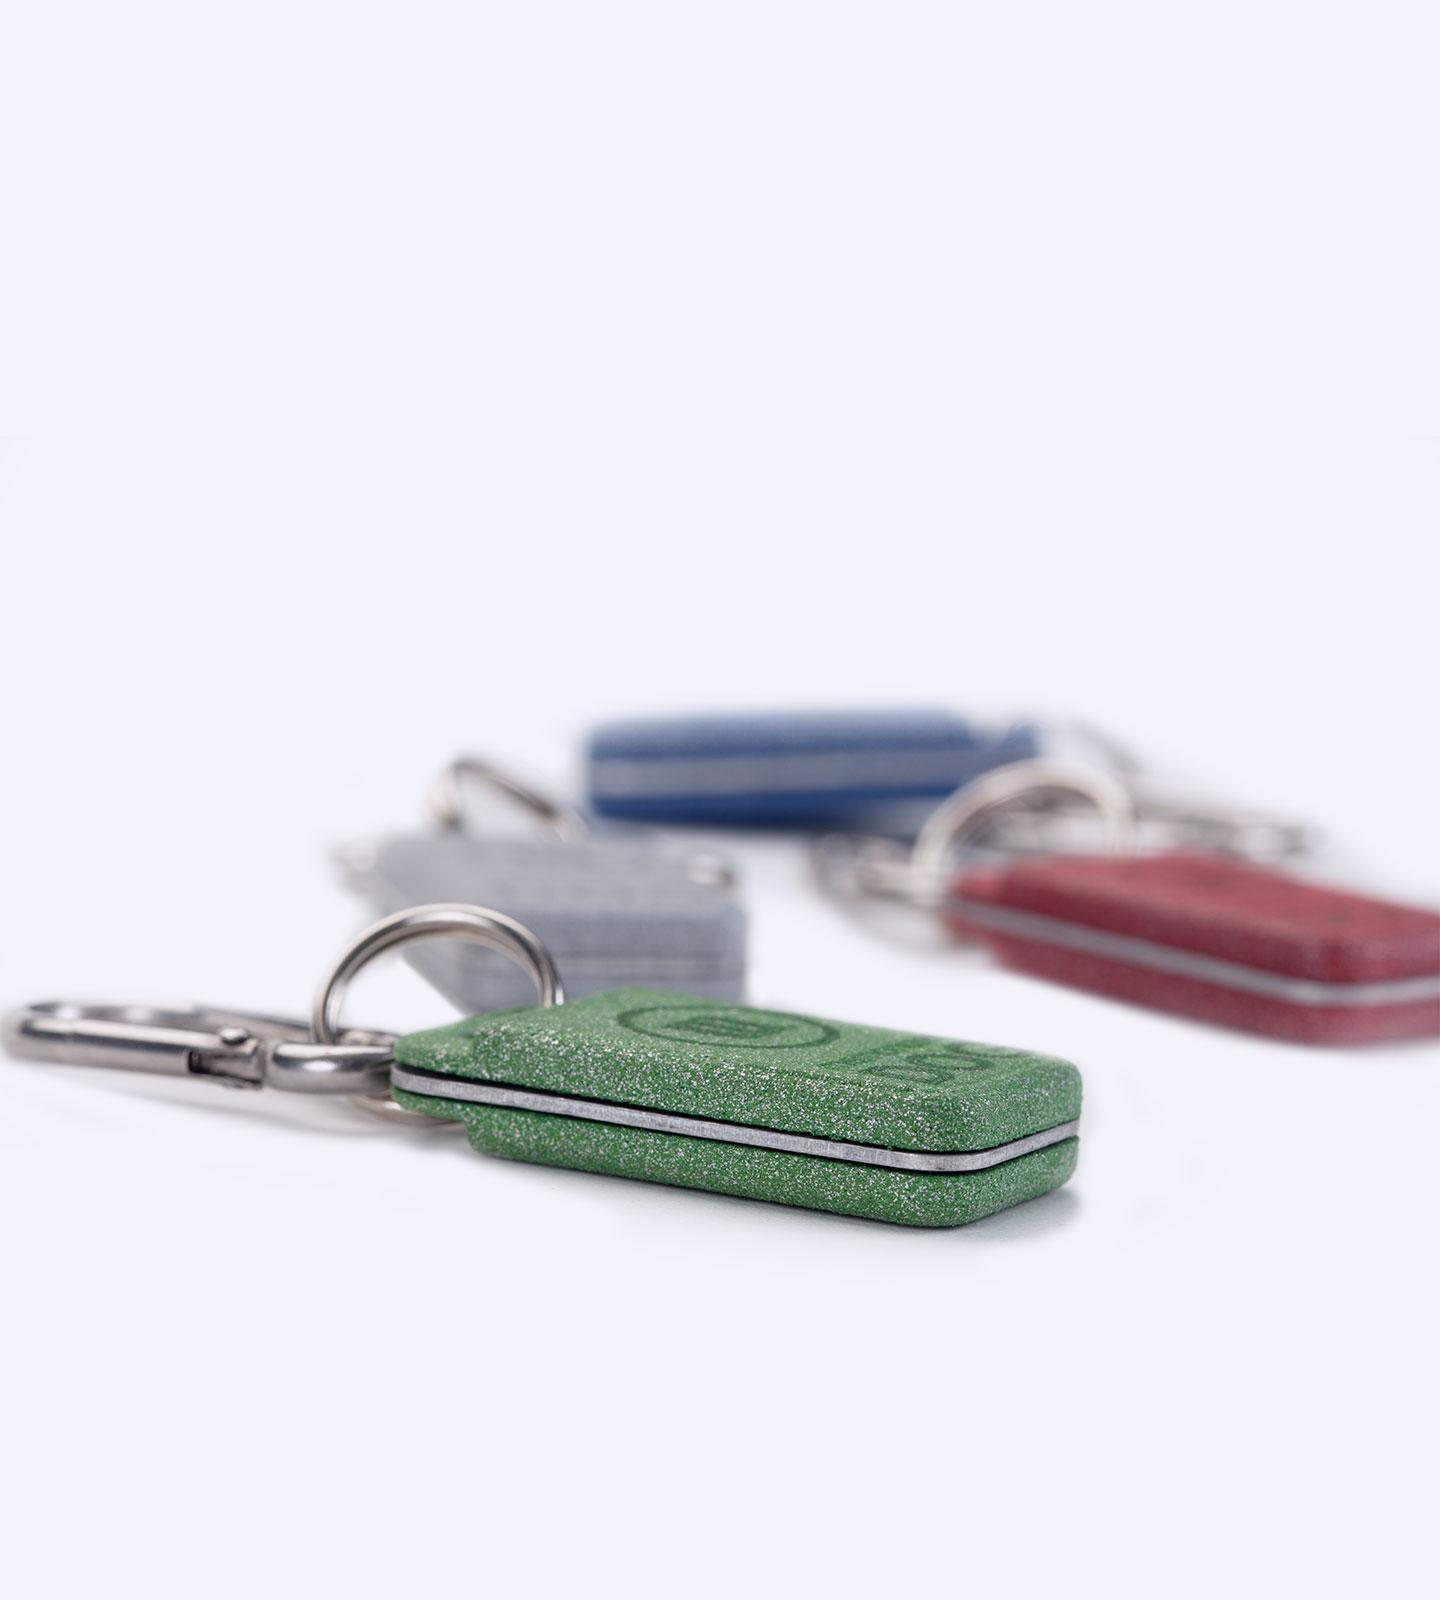 memonizerDOGs mit Varianten im Hintergrund und Blick auf die Dicke des grünen Produkts